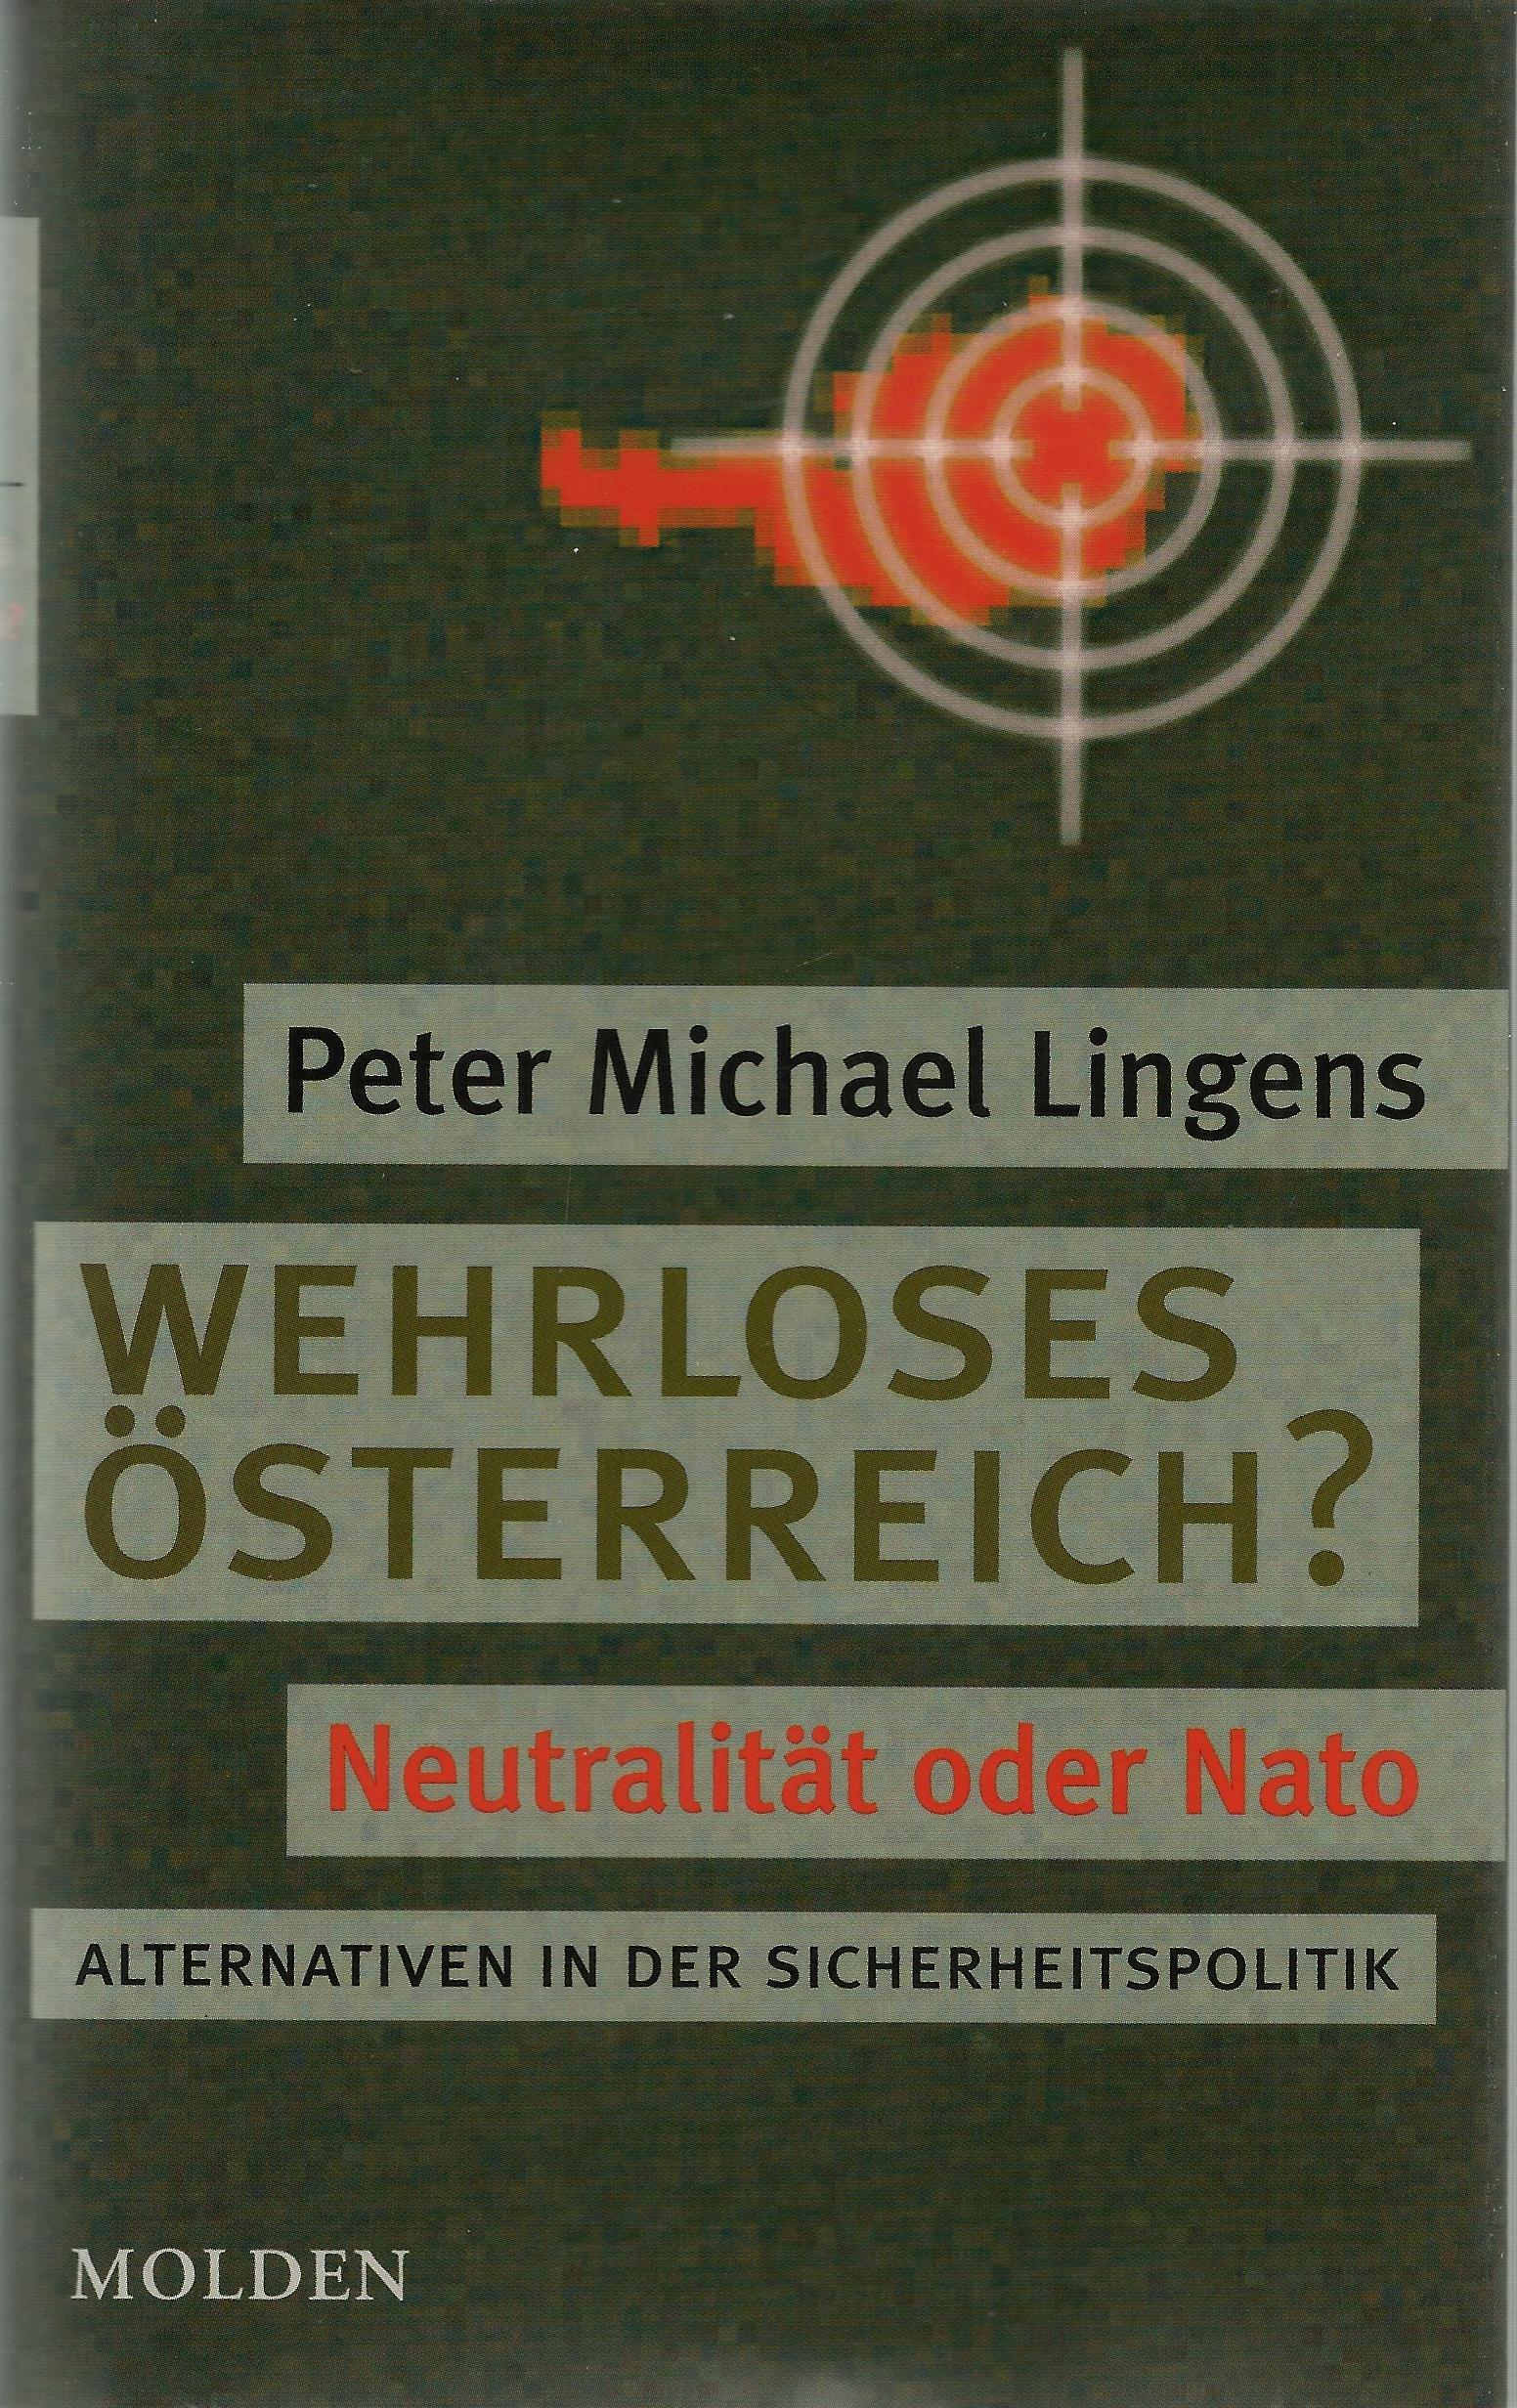 Wehrloses Österreich?: Neutralität oder Nato. Alternativen in der Sicherheitspolitik